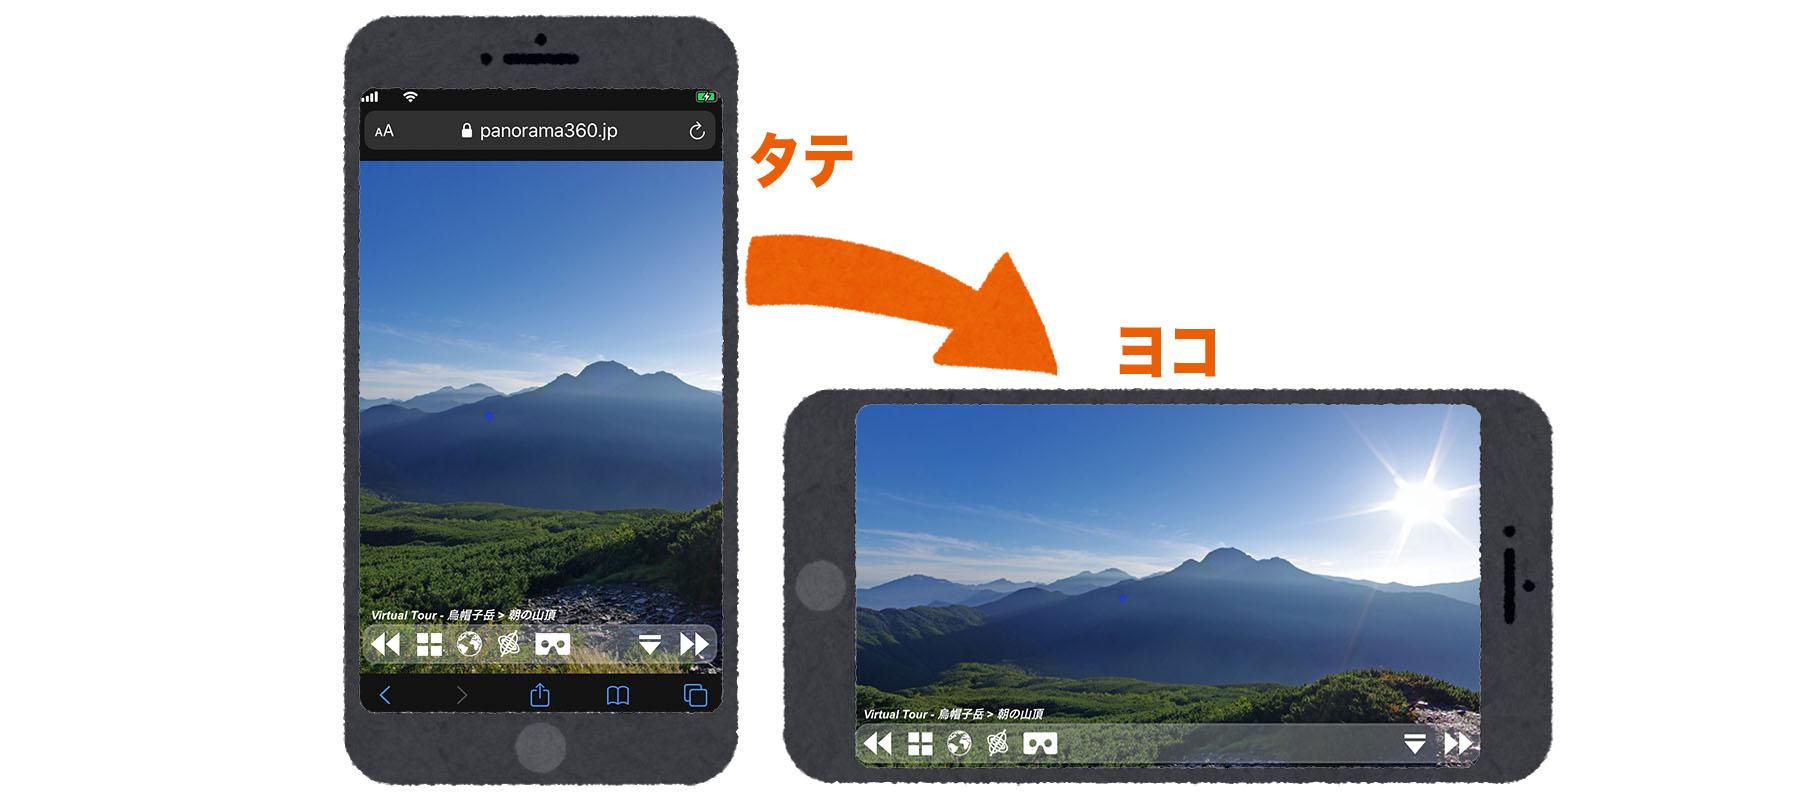 iPhoneを横画面にすると一部だけ文字サイズが大きくなる問題